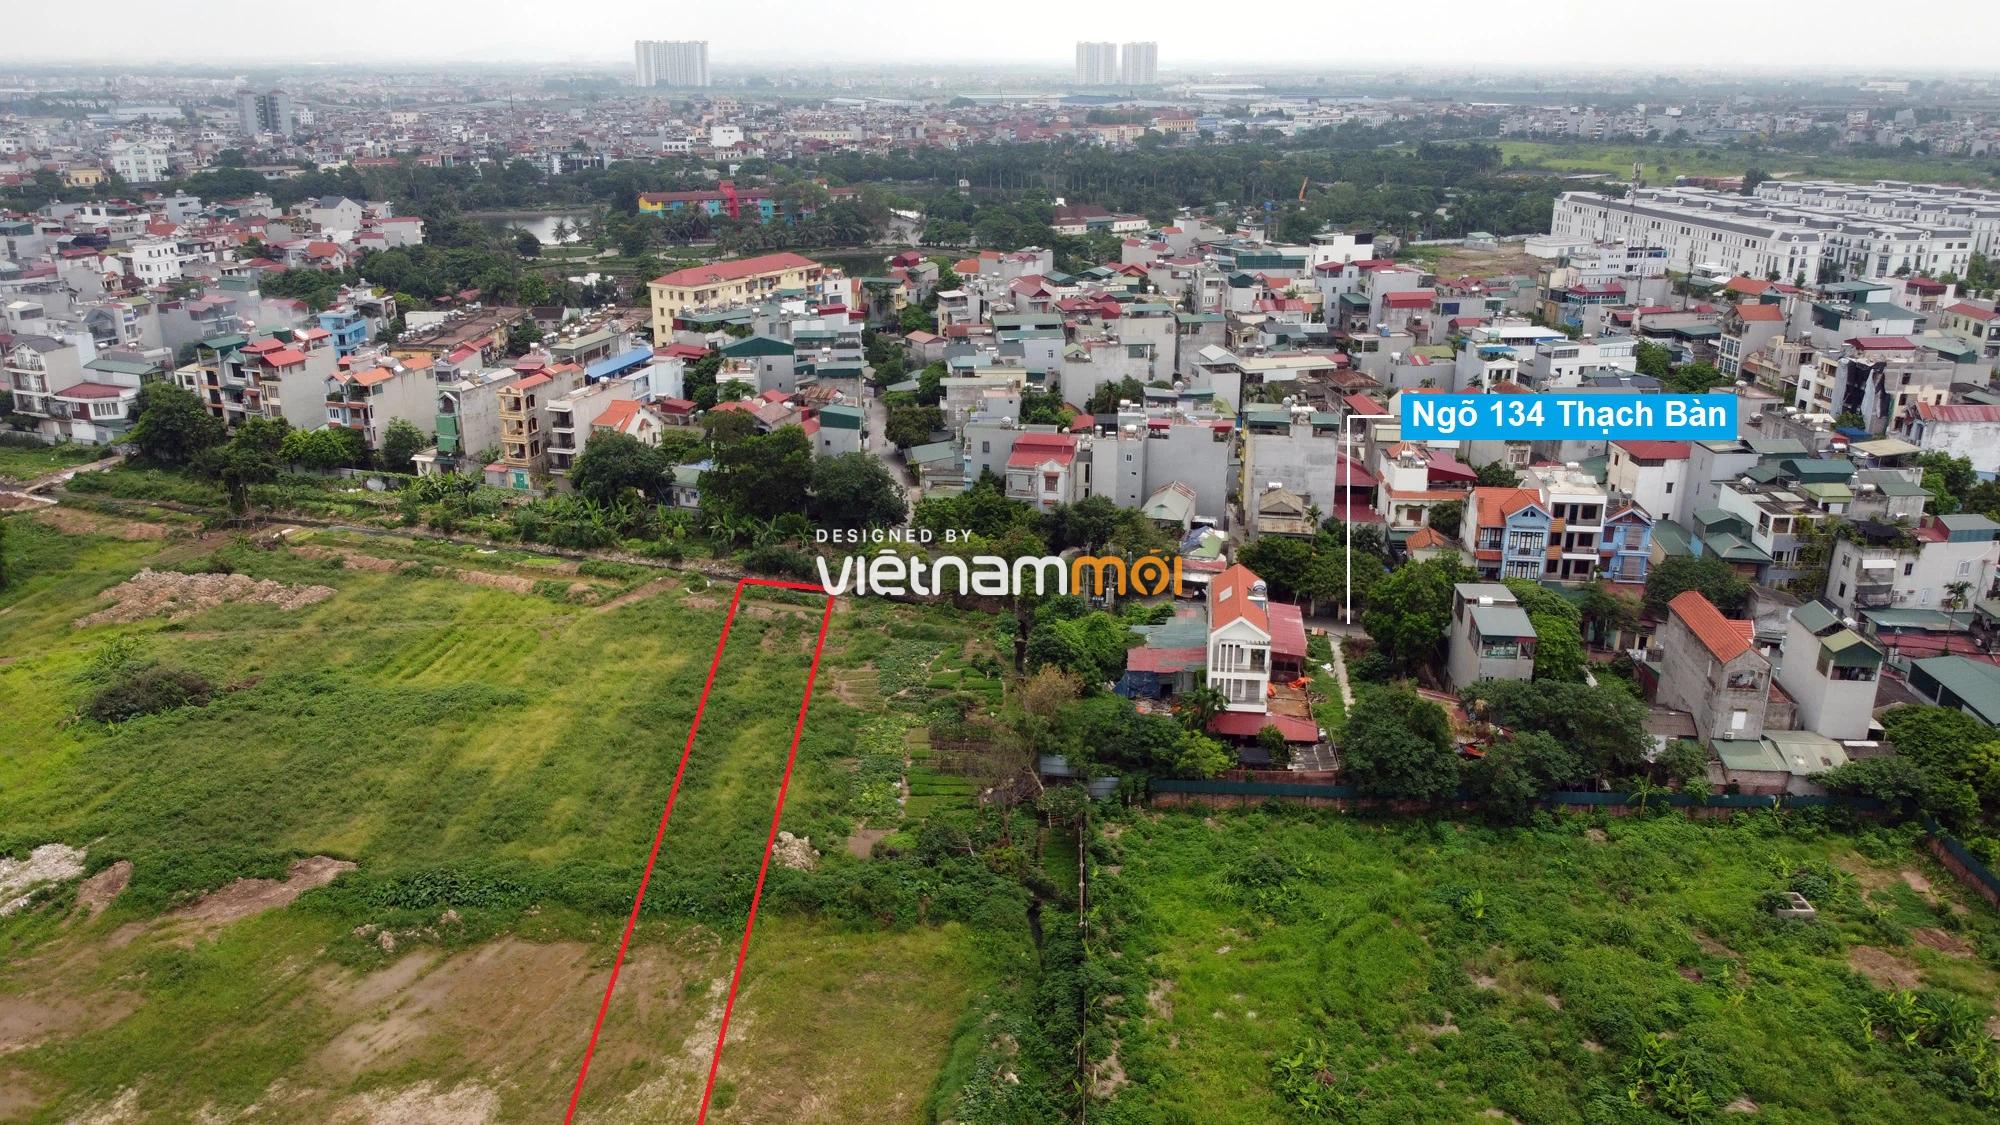 Những khu đất sắp thu hồi để mở đường ở phường Thạch Bàn, Long Biên, Hà Nội (phần 1) - Ảnh 16.